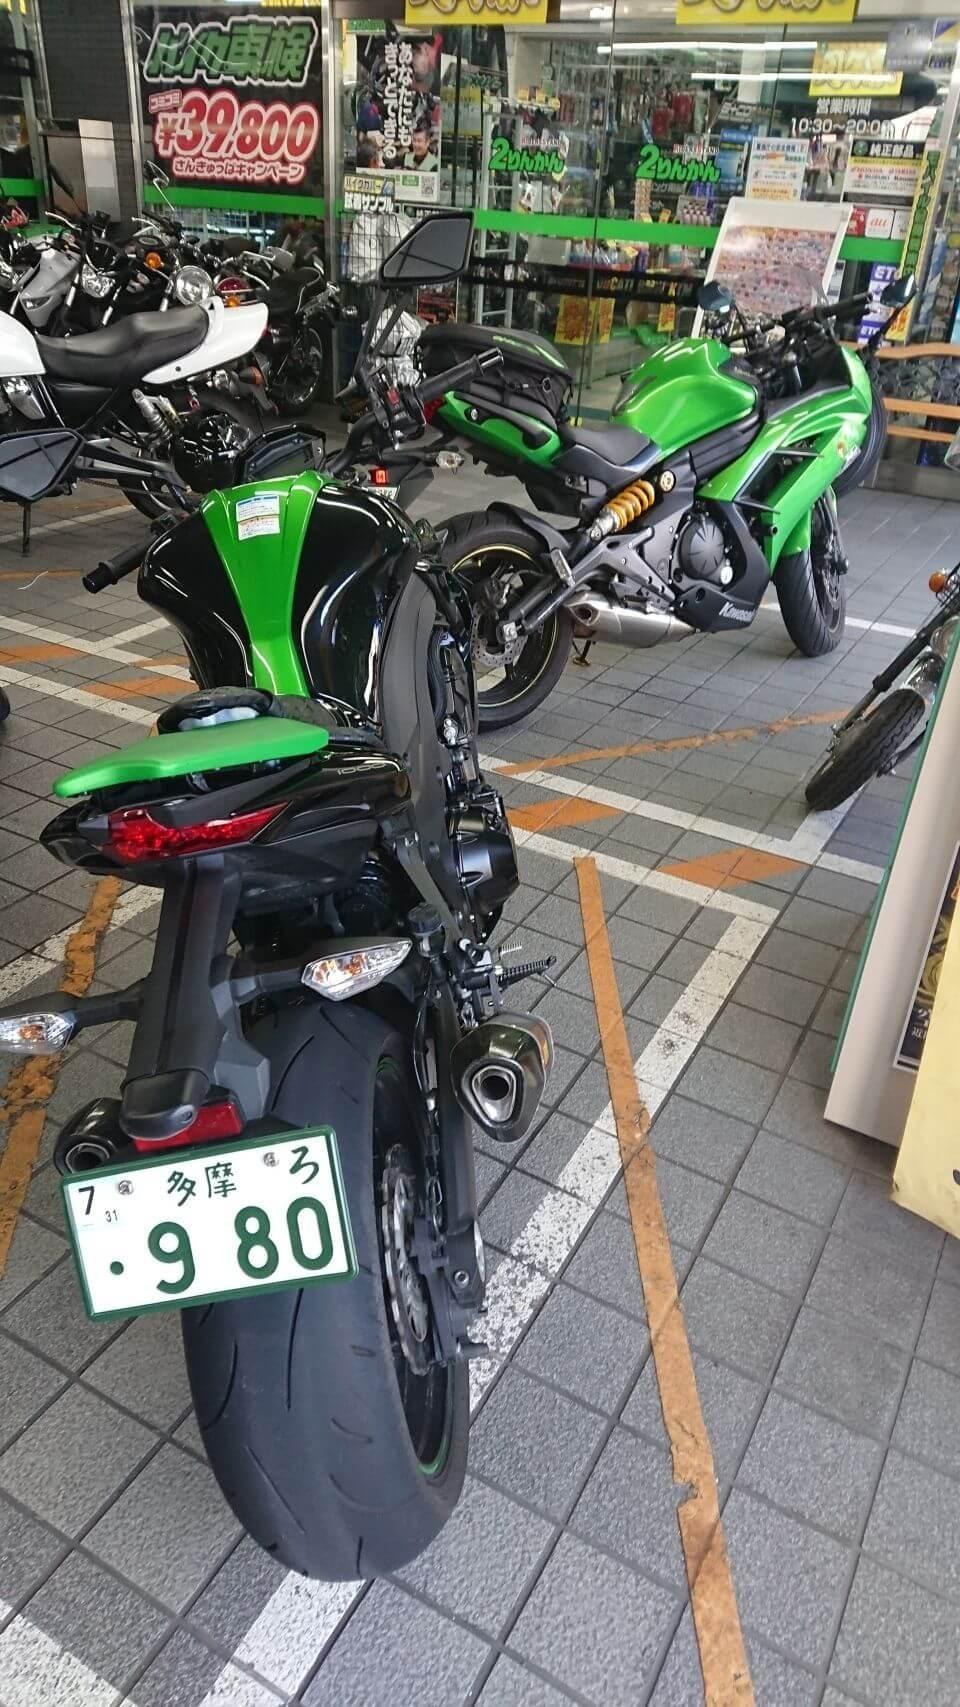 Z1000&Ninja 650